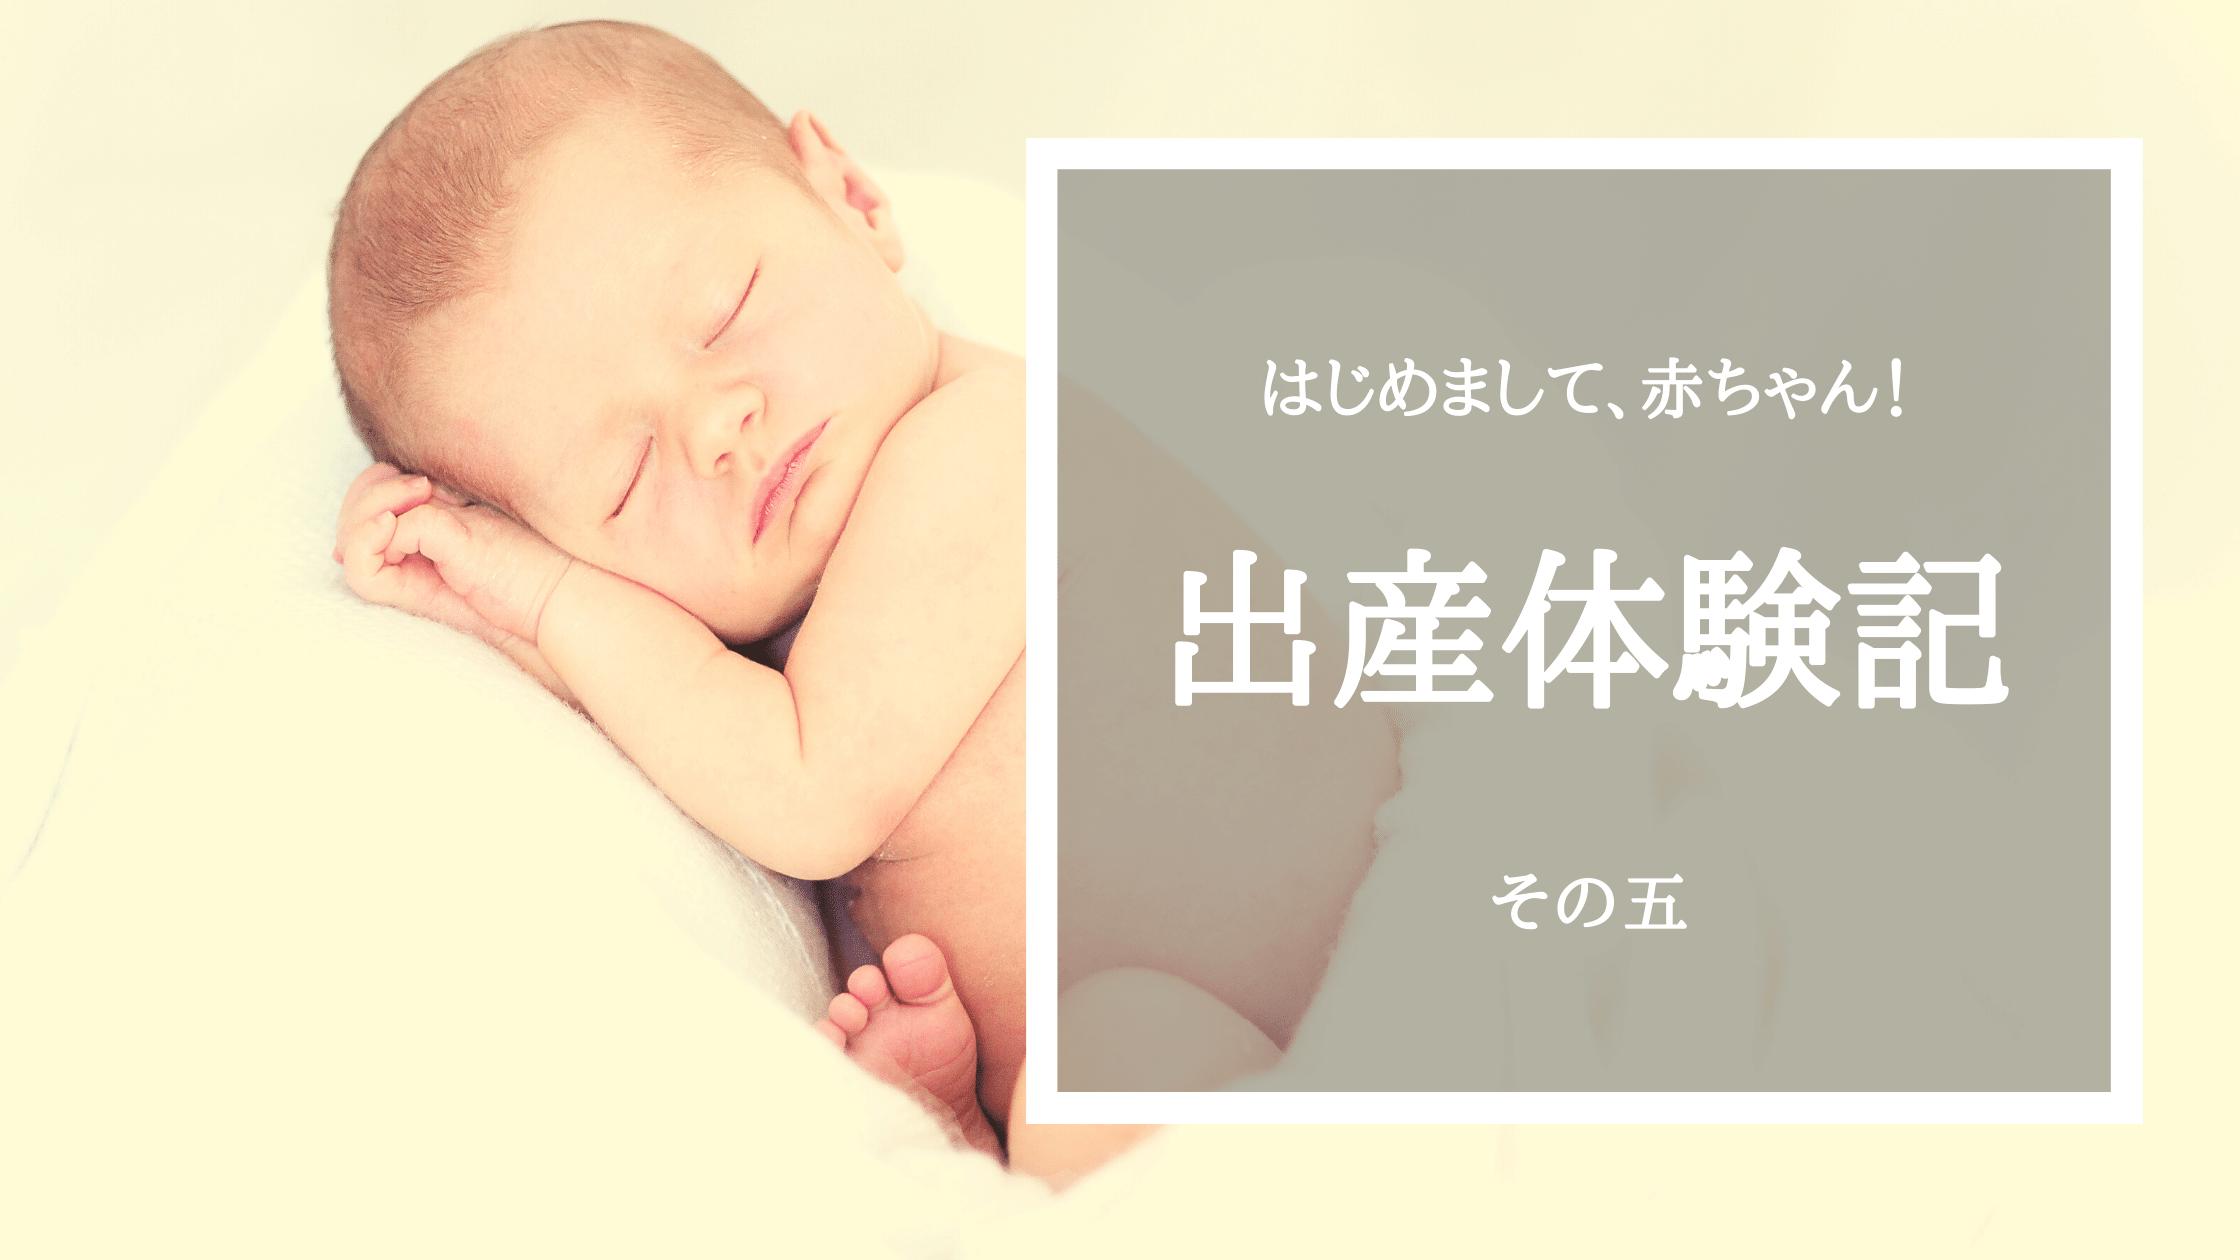 【出産体験記その5】はじめまして!赤ちゃん